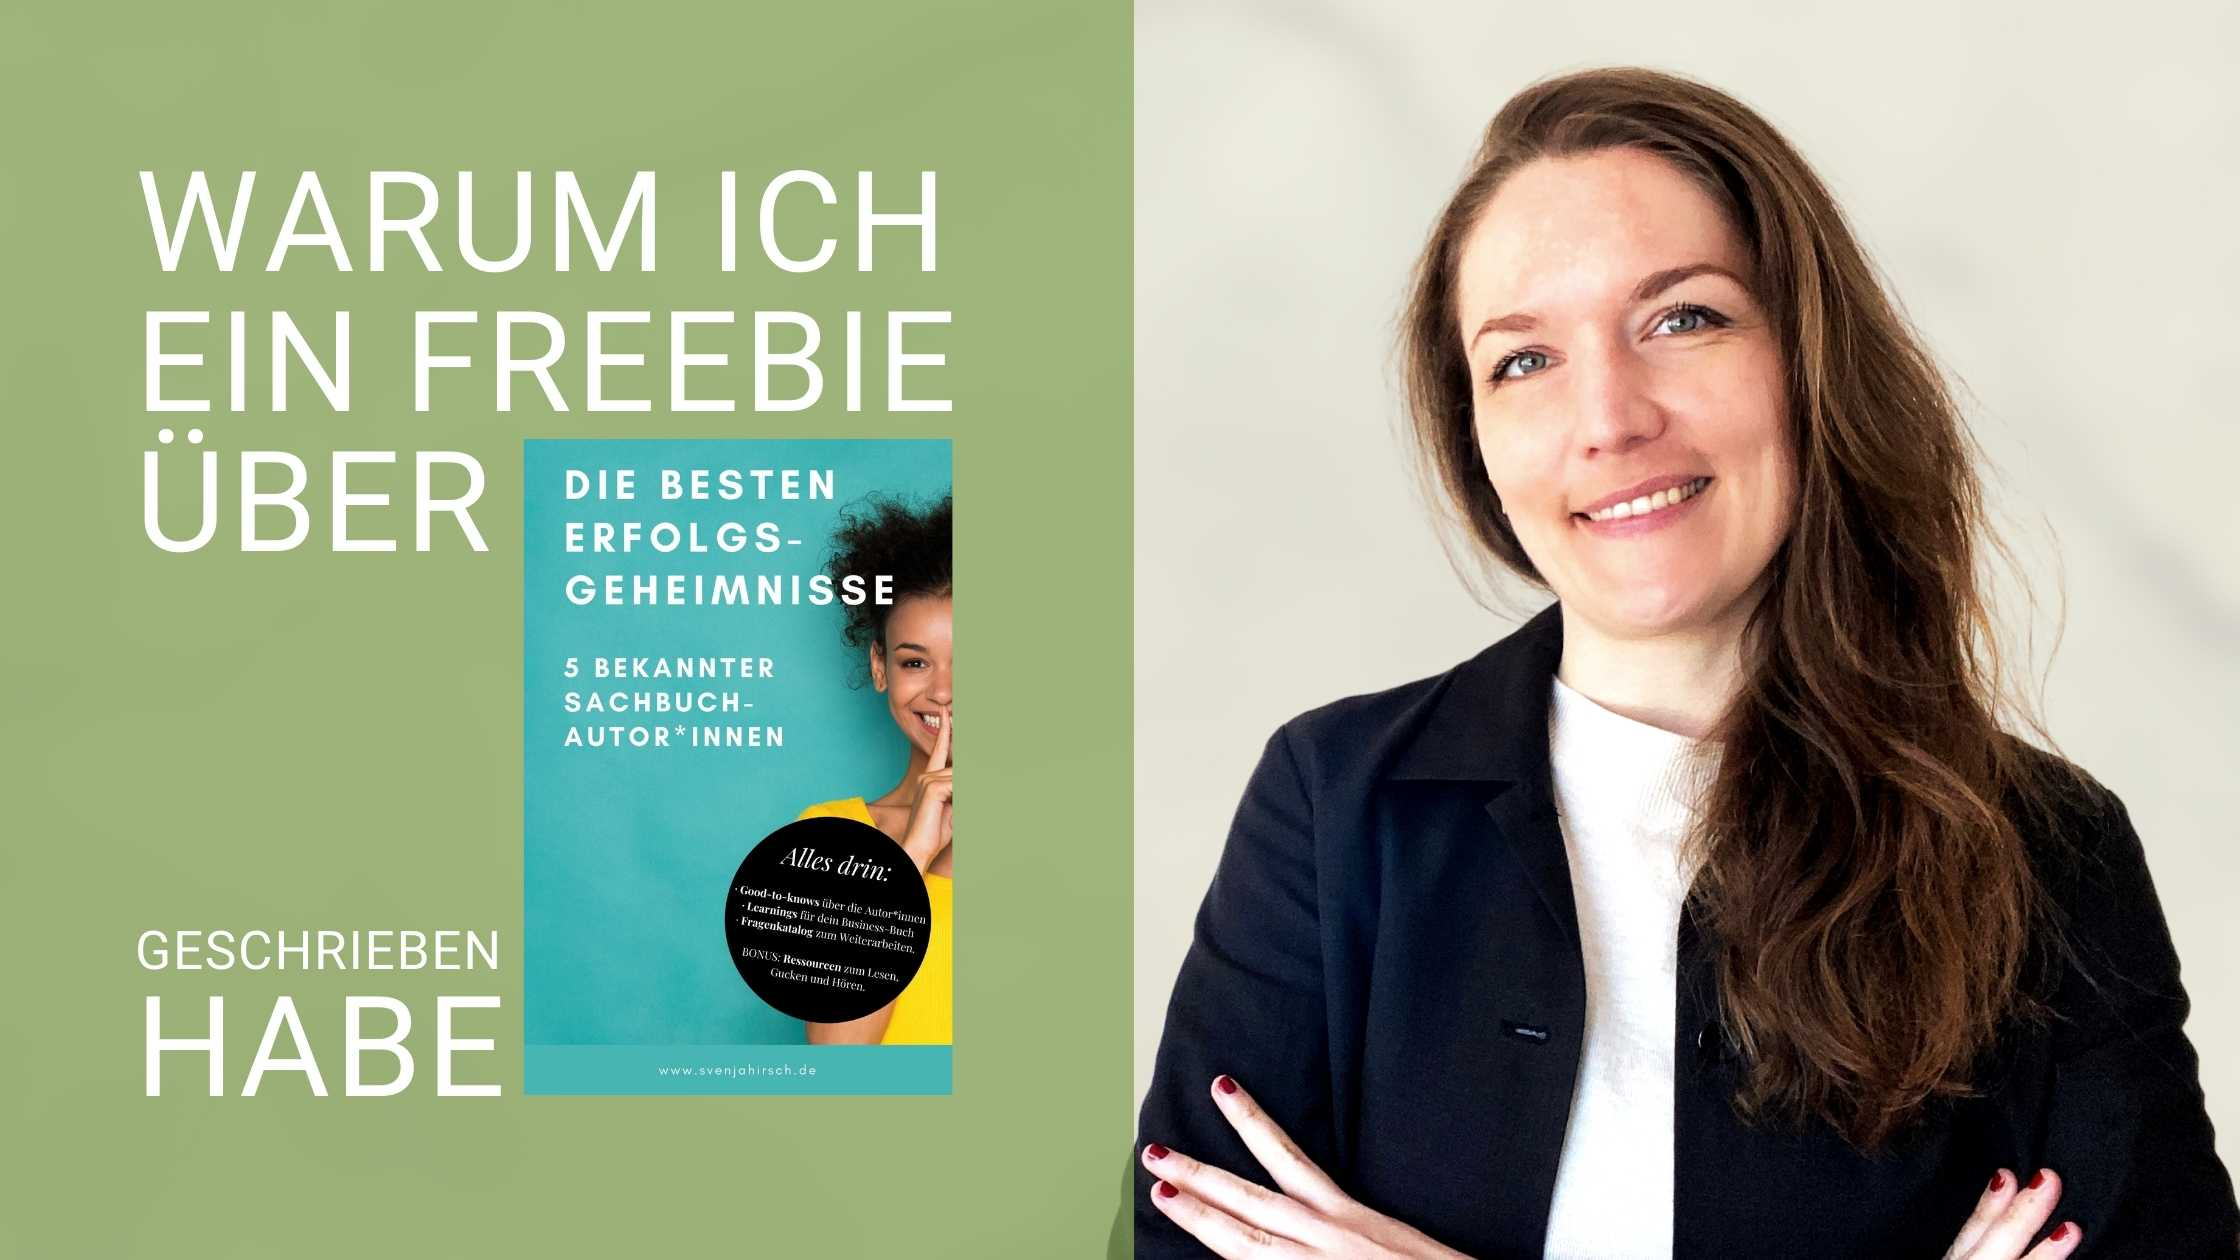 Freebie links, daneben Svenja Hirsch und Titel Erfolgsgeheimnisse bekannter Sachbuch-Autor*innen geschrieben habe